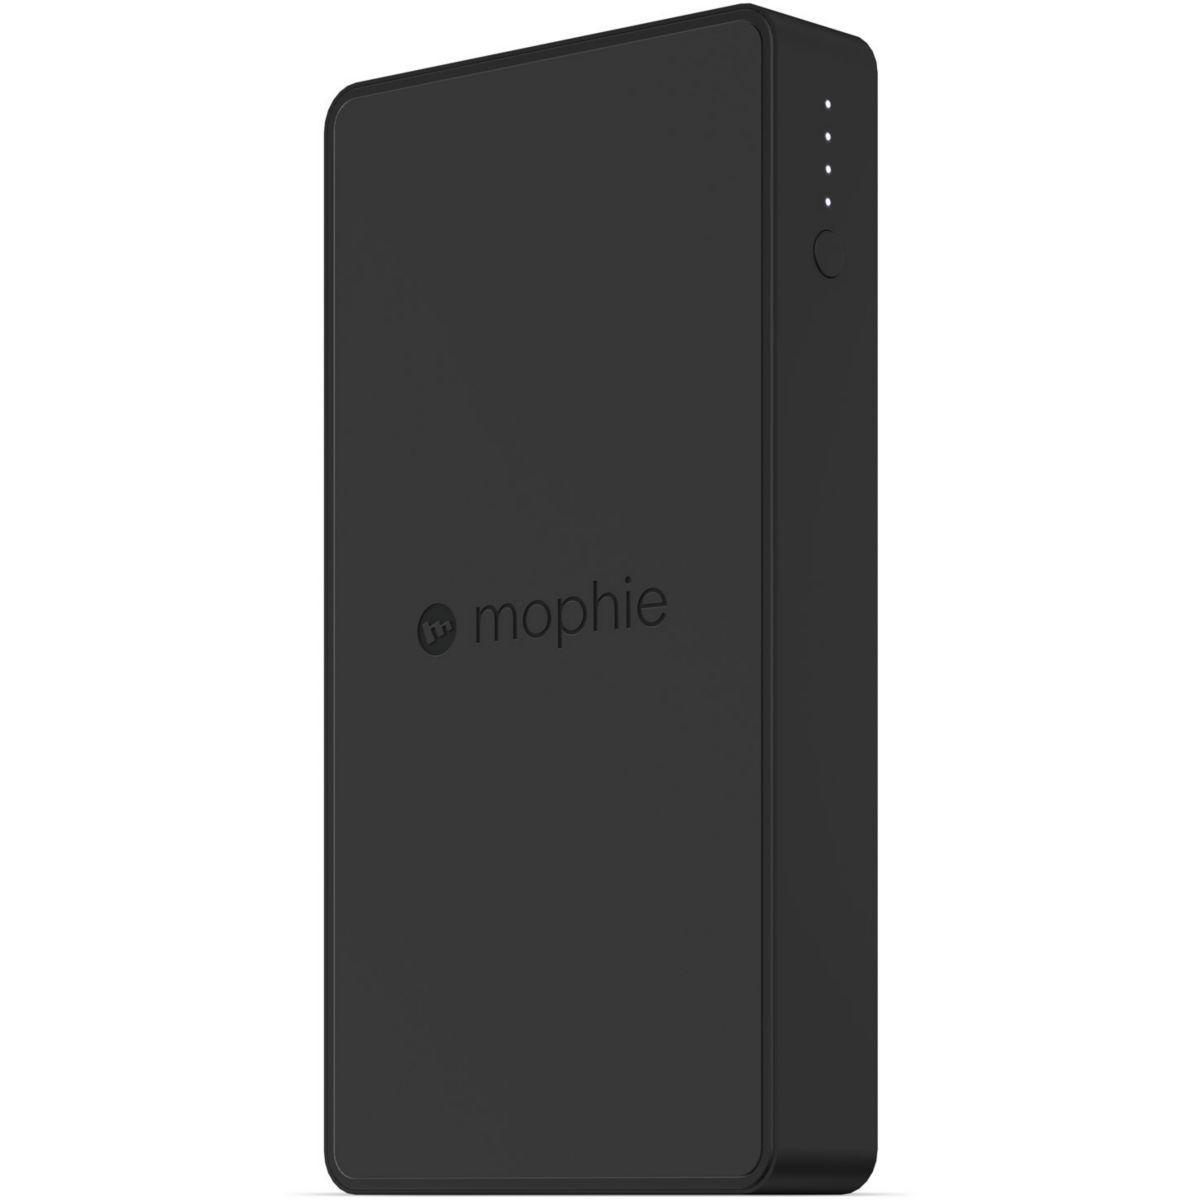 Batterie externe mophie power station wireless qi 10000 mah noir - 2% de remise imm�diate avec le code : deal2 (photo)